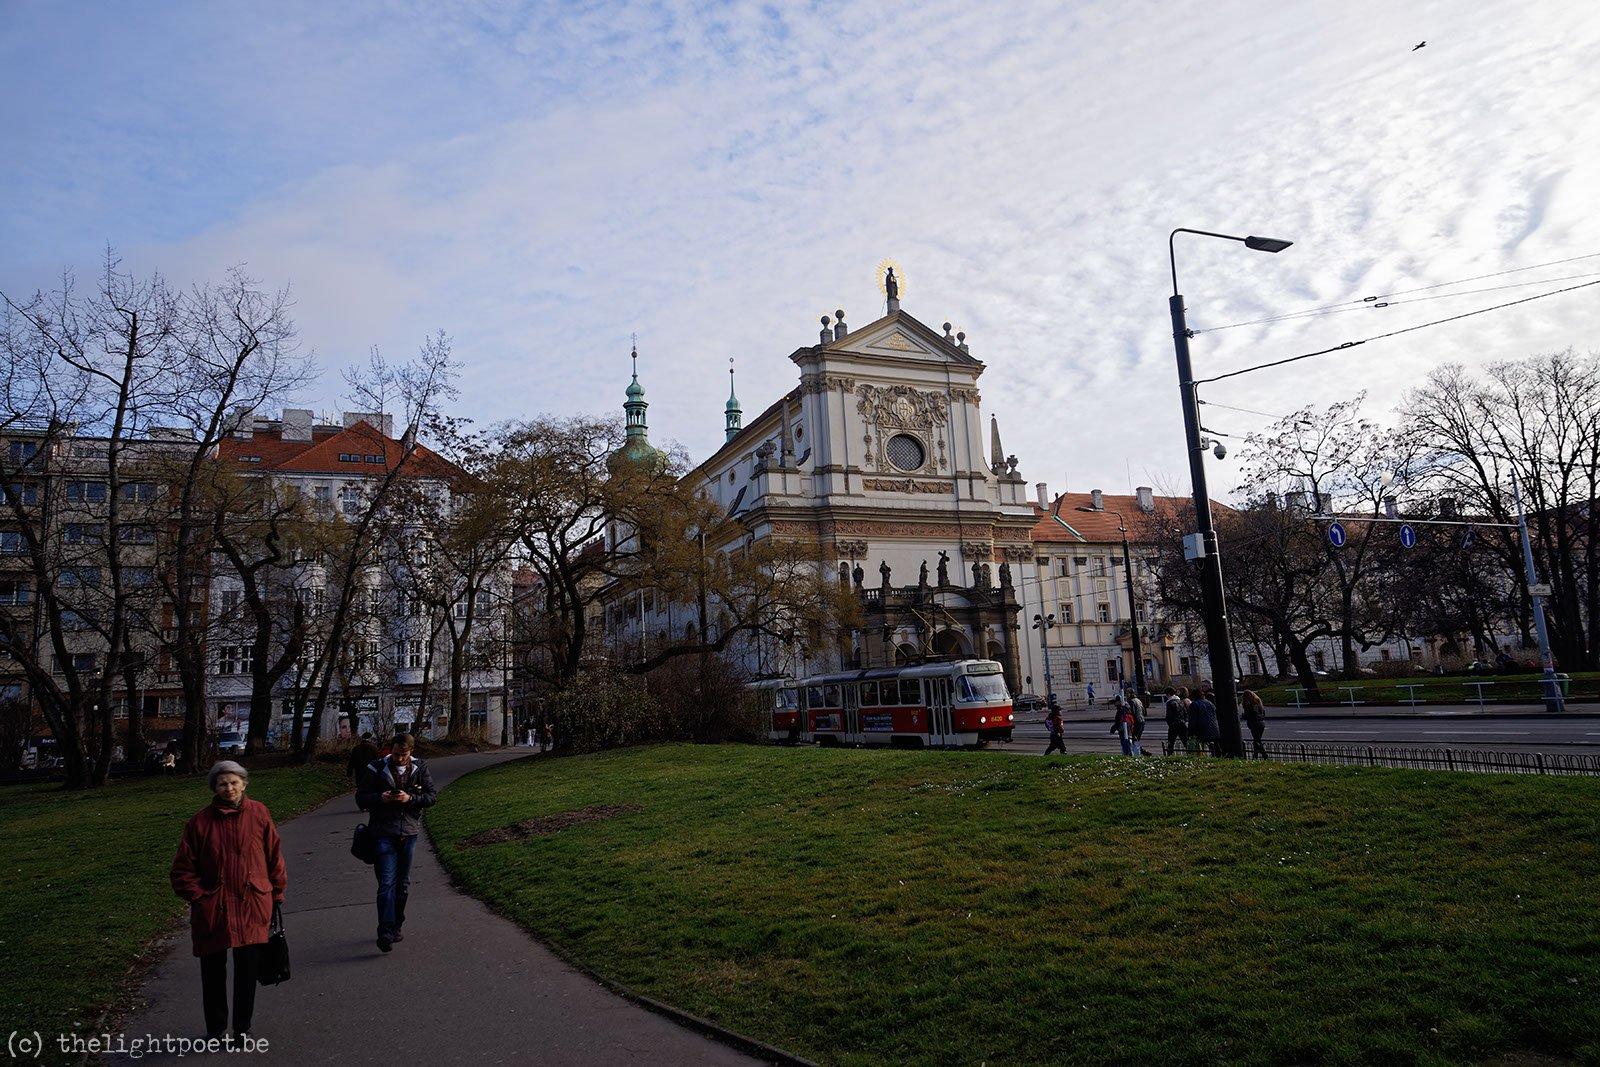 2015_12_Dresden_20151228_140500_DxO_v10